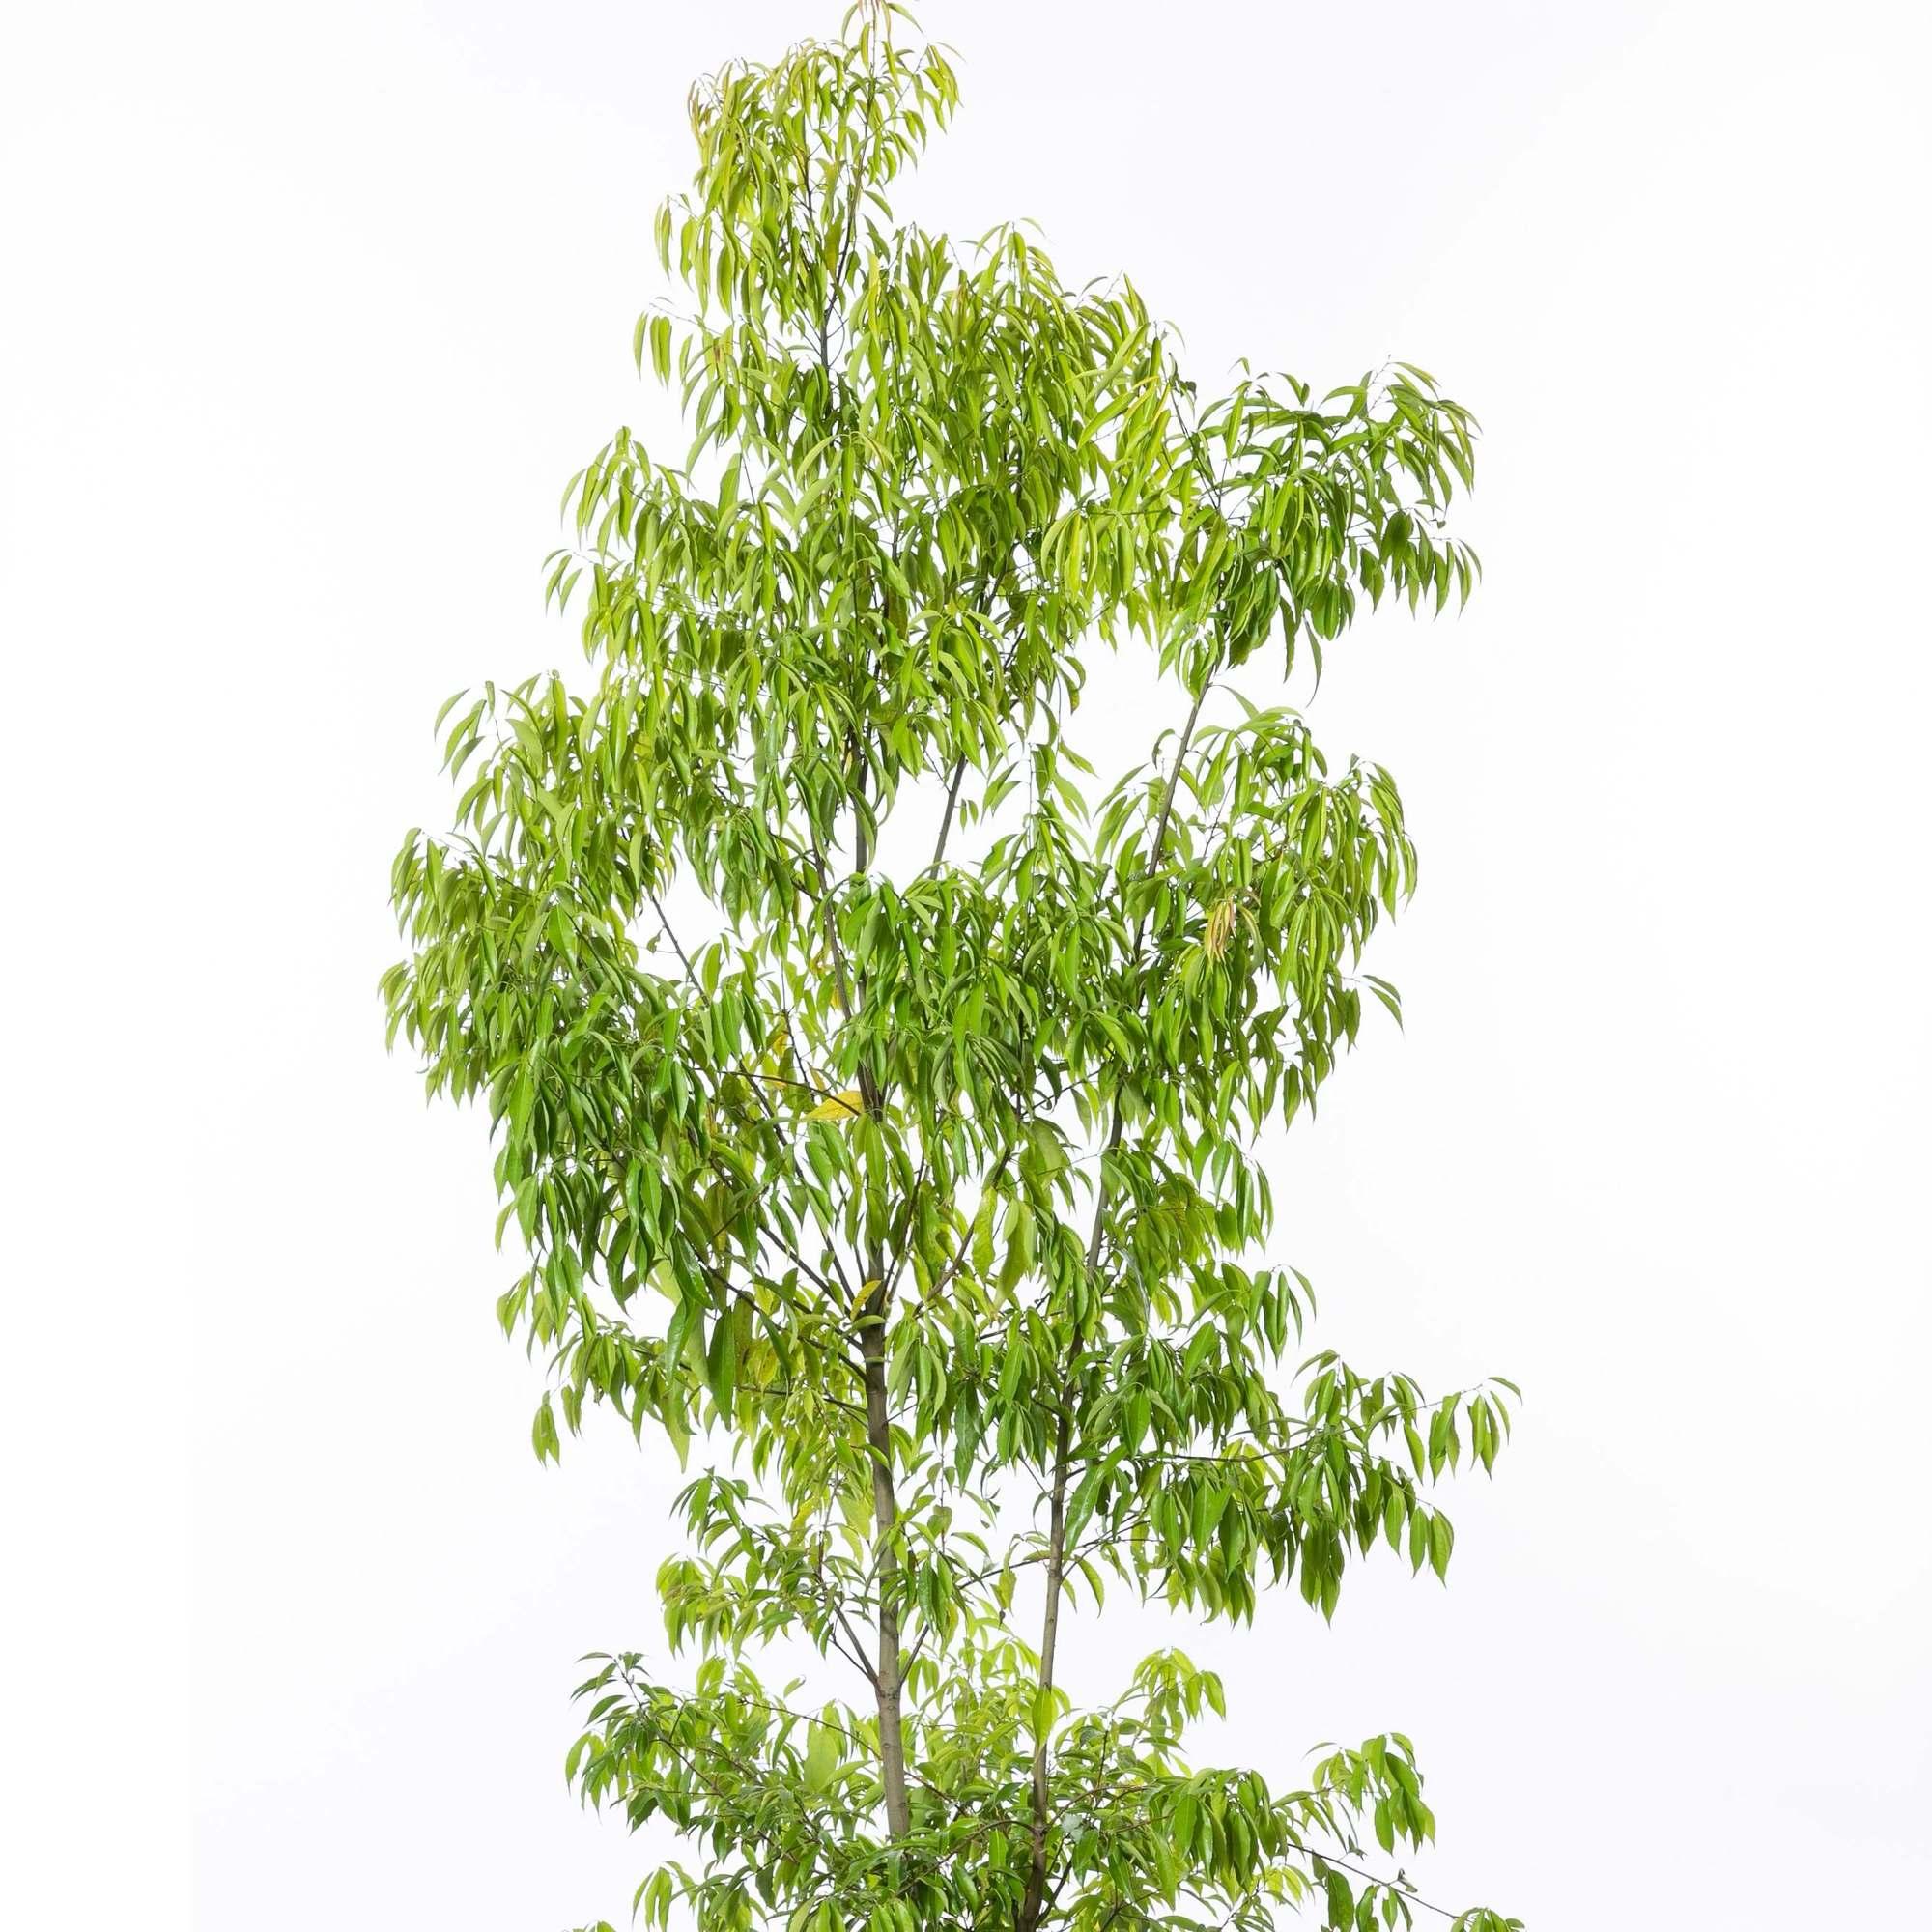 白樫 シラカシ 植栽 庭木 常緑高木